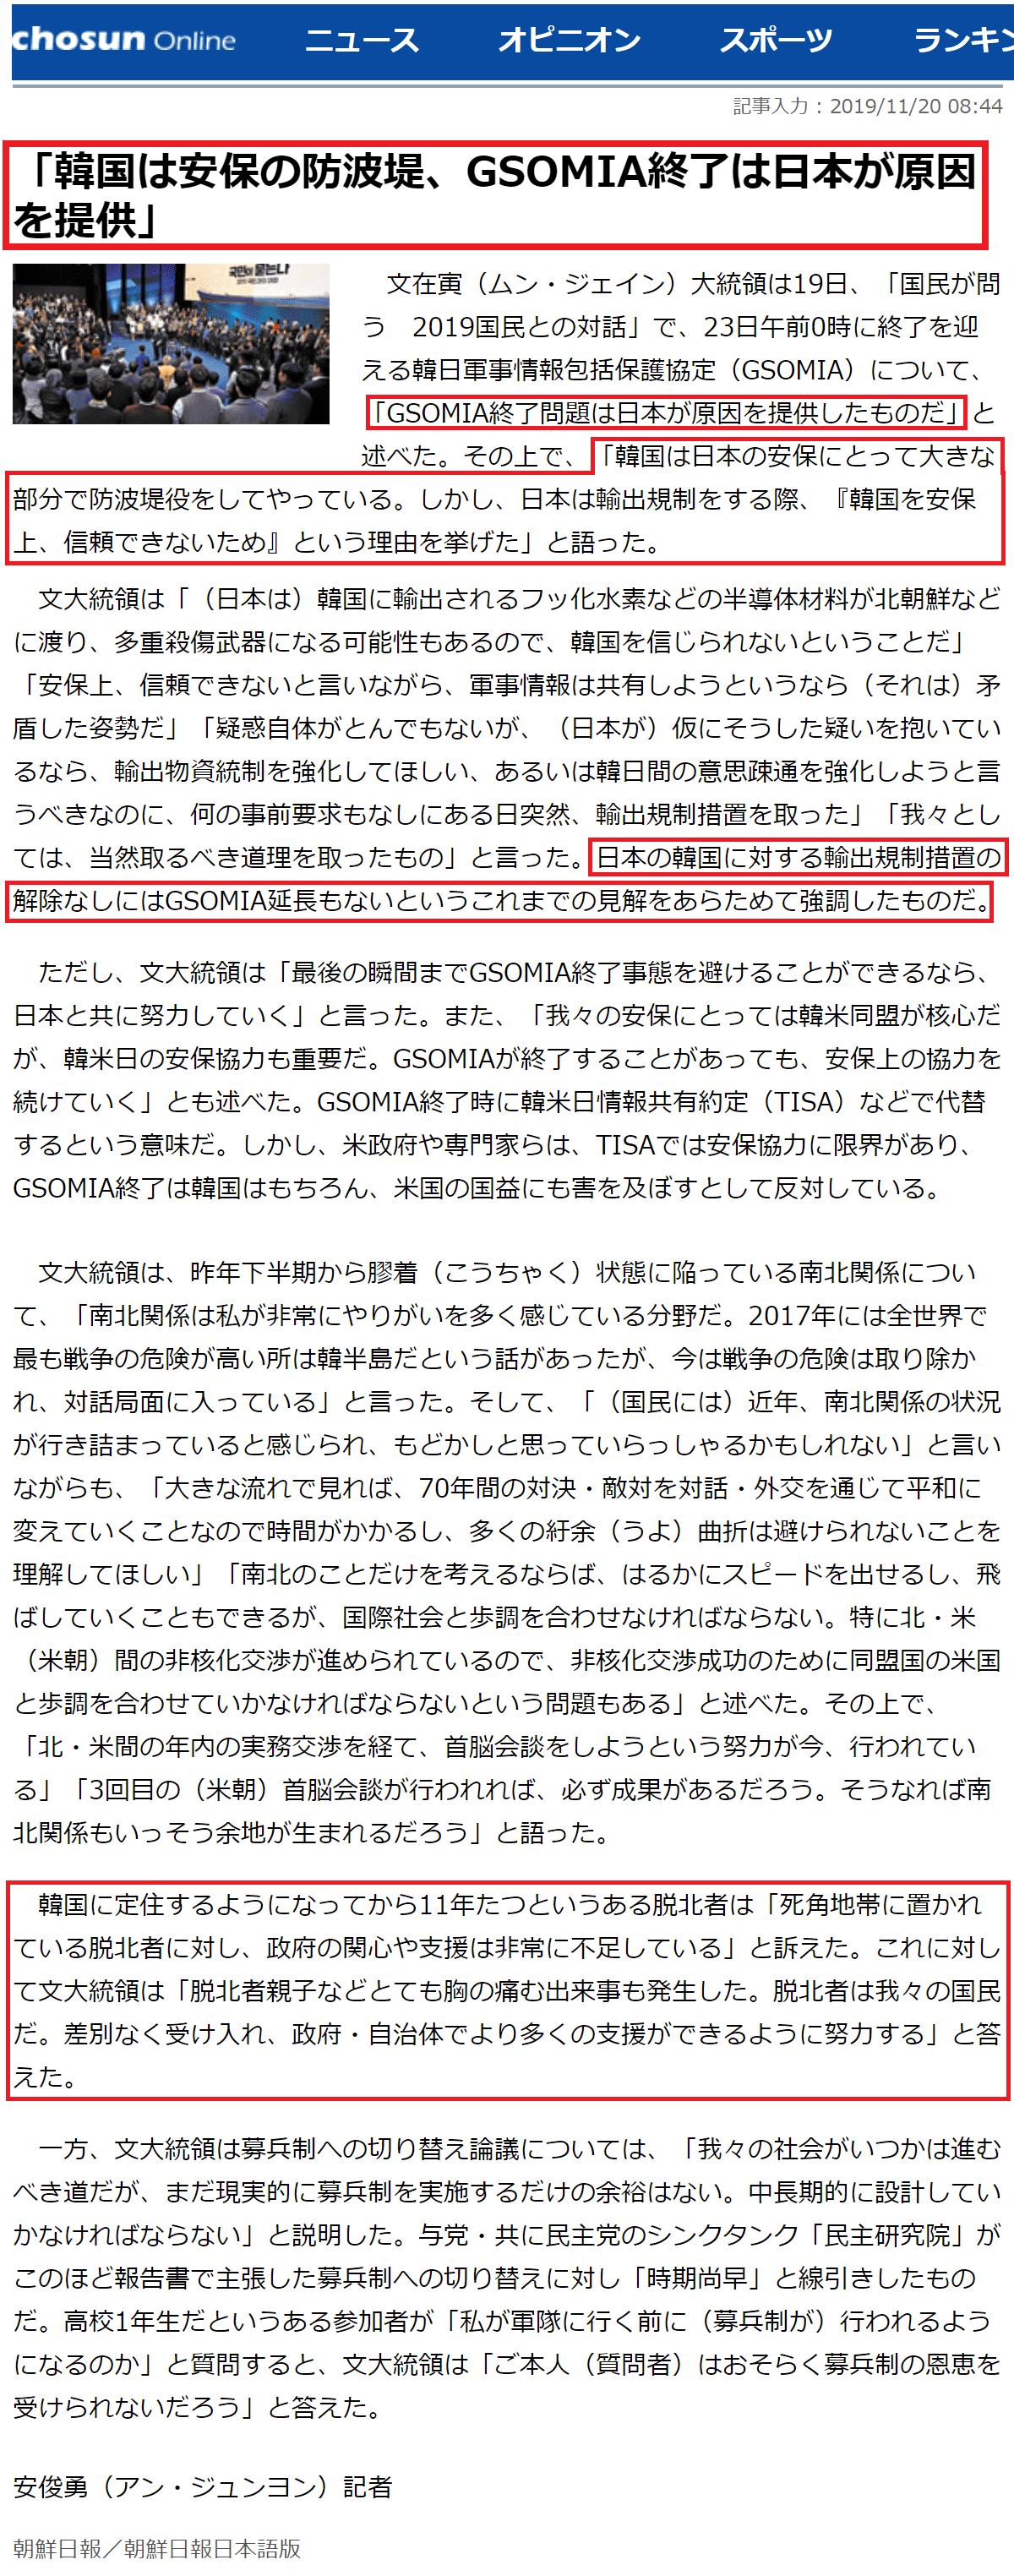 ブンザイ寅「全部日本が悪い 下朝鮮は防波堤」